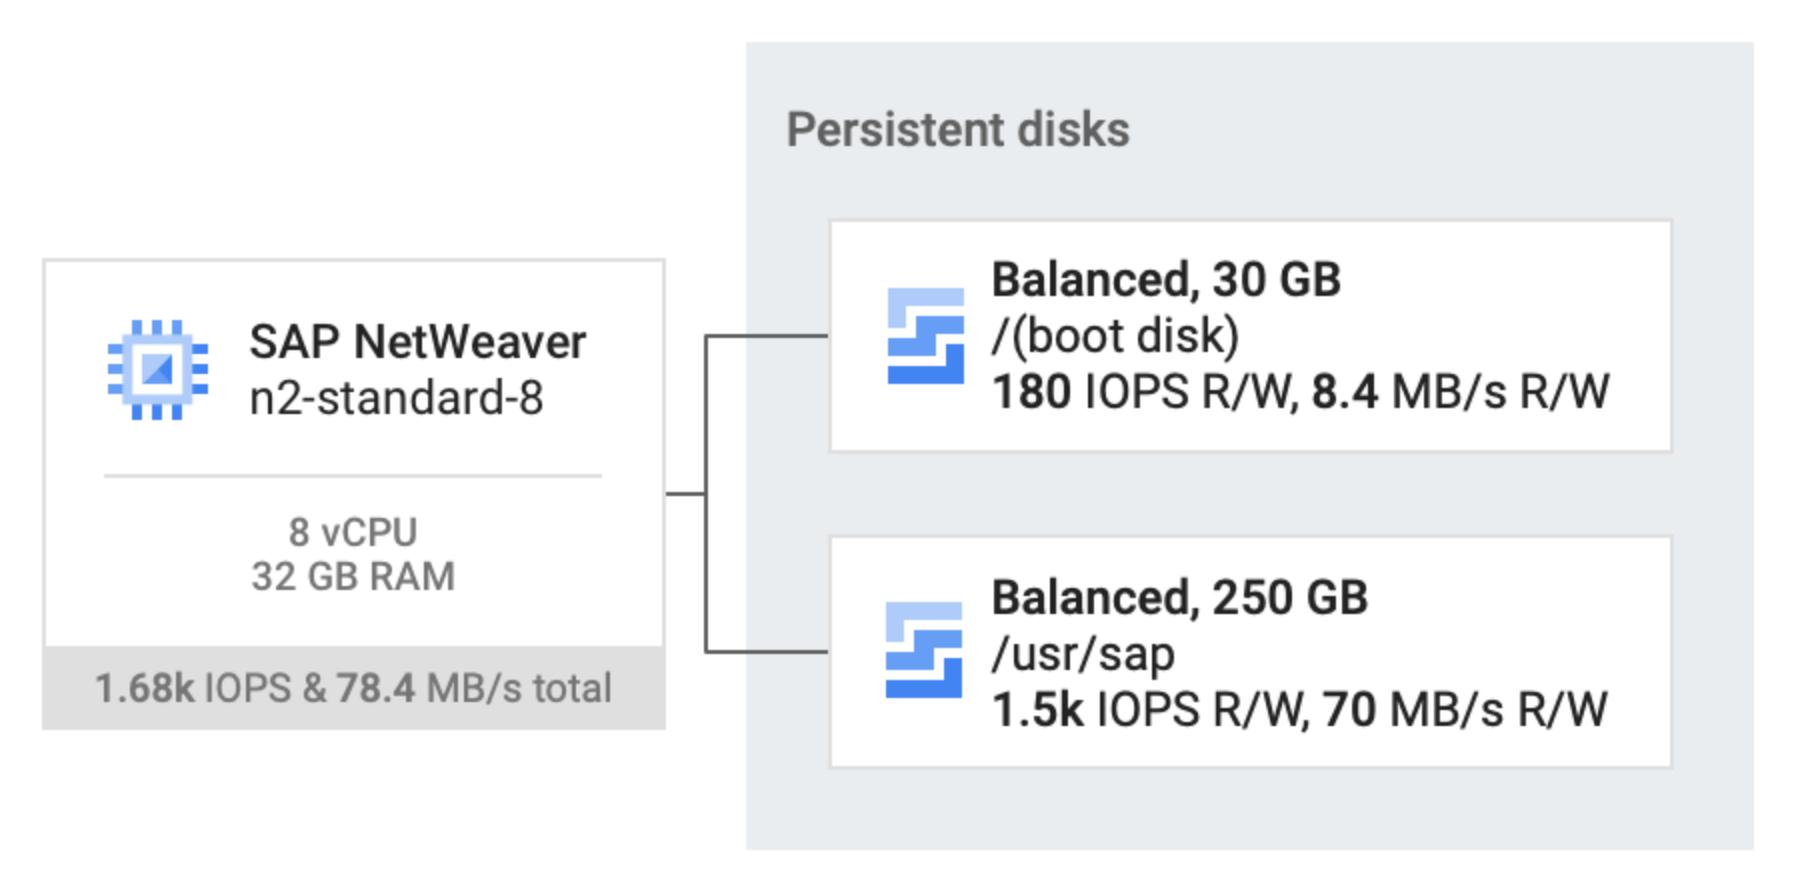 2 つのバランス永続ディスク(80 GB と 250 GB)が、SAP NetWeaver を実行している n2-standard-32 ホスト VM にアタッチされている。